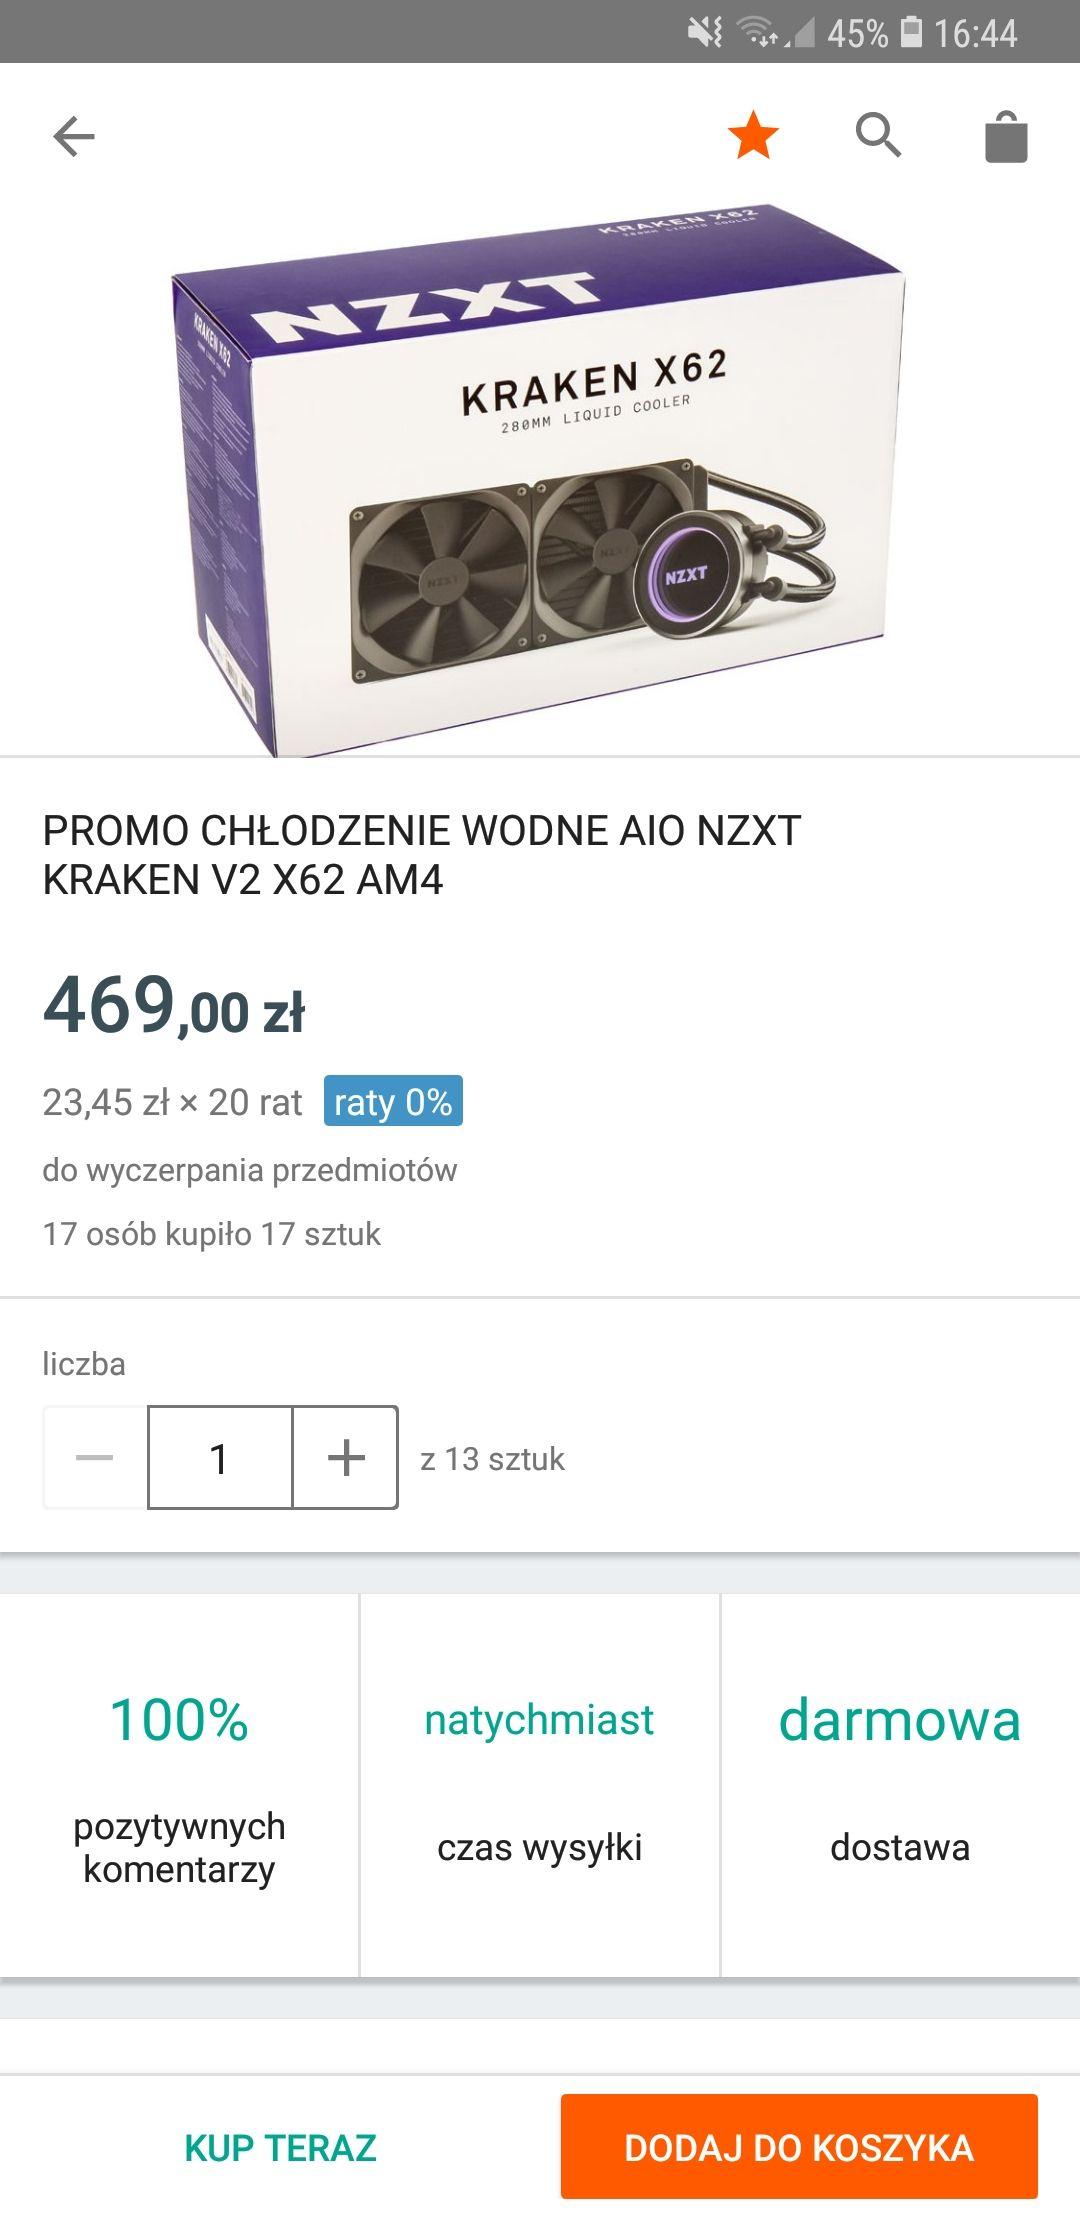 Nzxt X62 Kraken - chłodzenie AIO